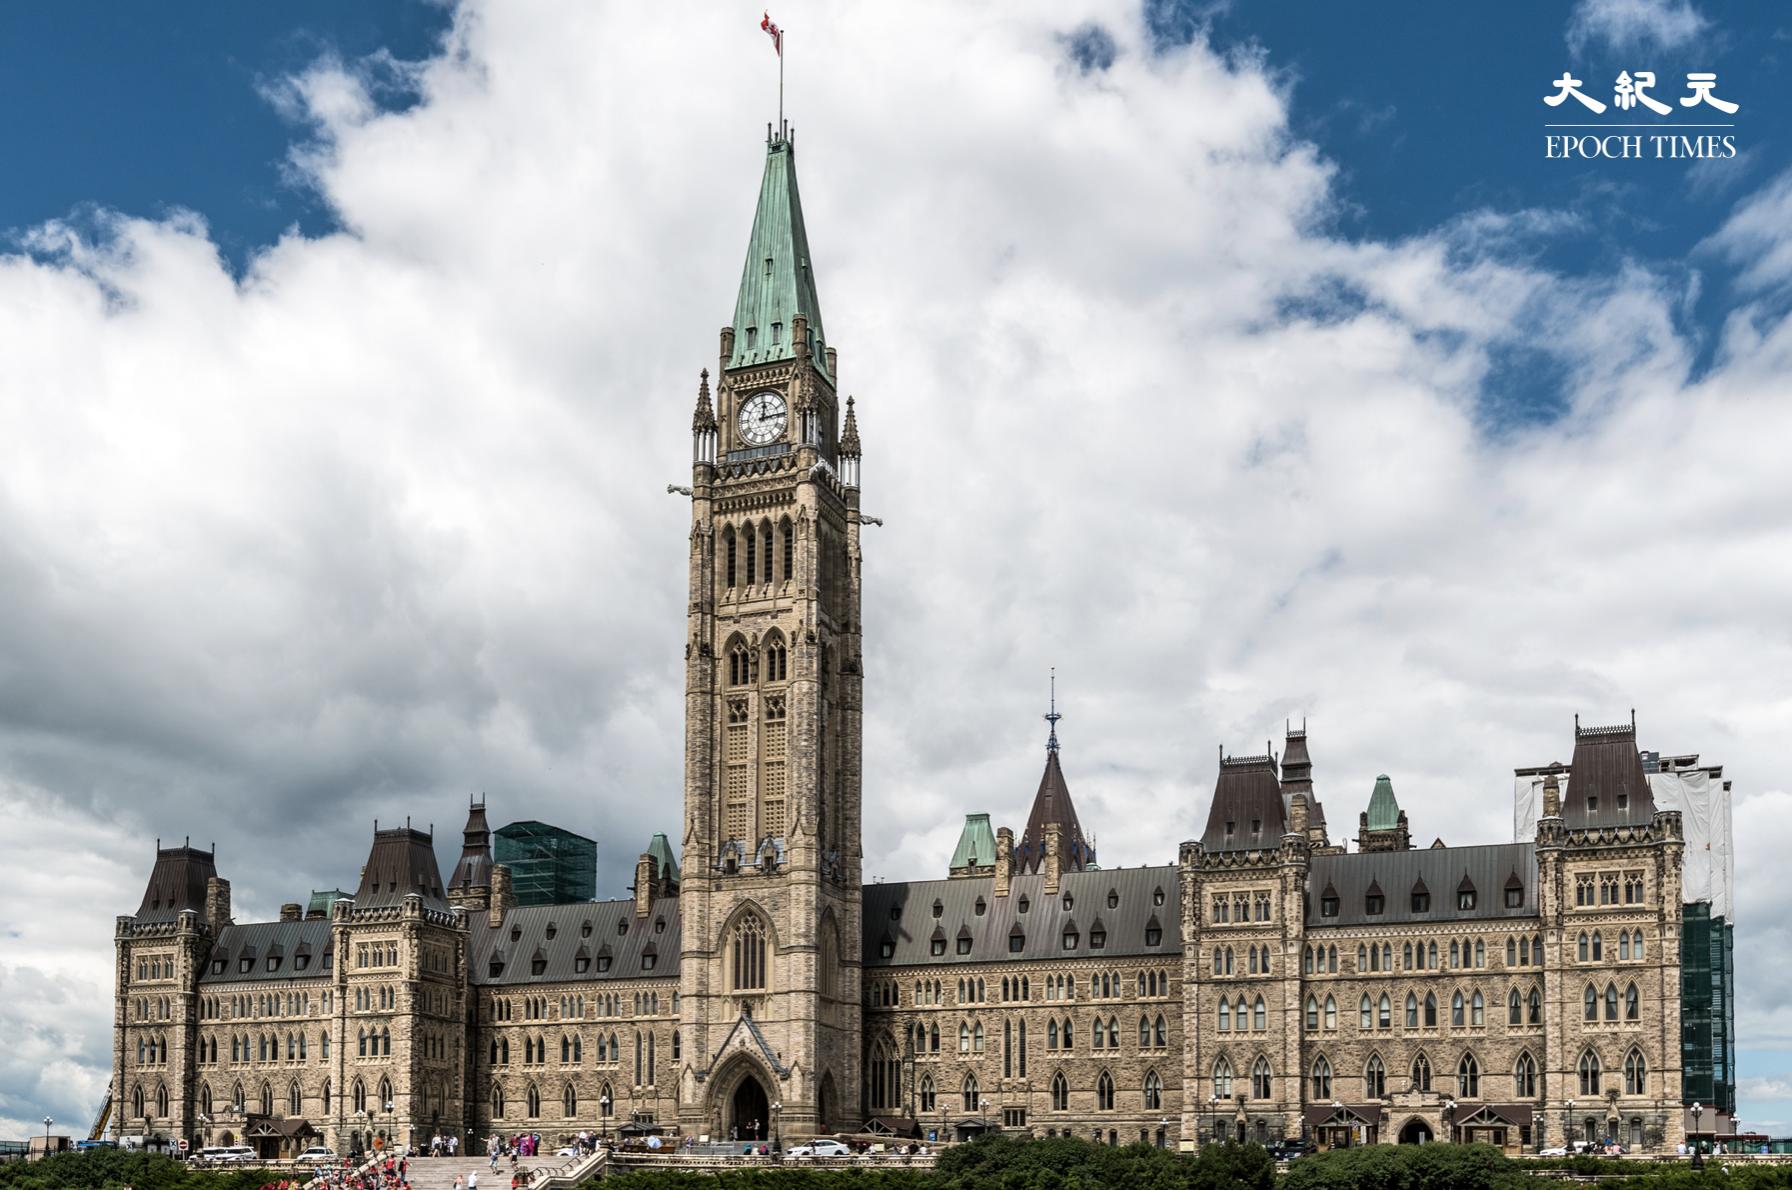 6月22日,加拿大議會逾二十位跨黨派議員聯署致信加拿大外長Marc Garneau,要求審計香港政府高層官員及其家人在加拿大的資產。圖為加拿大議會大廈。(Randal Runtsch/Fotolia)